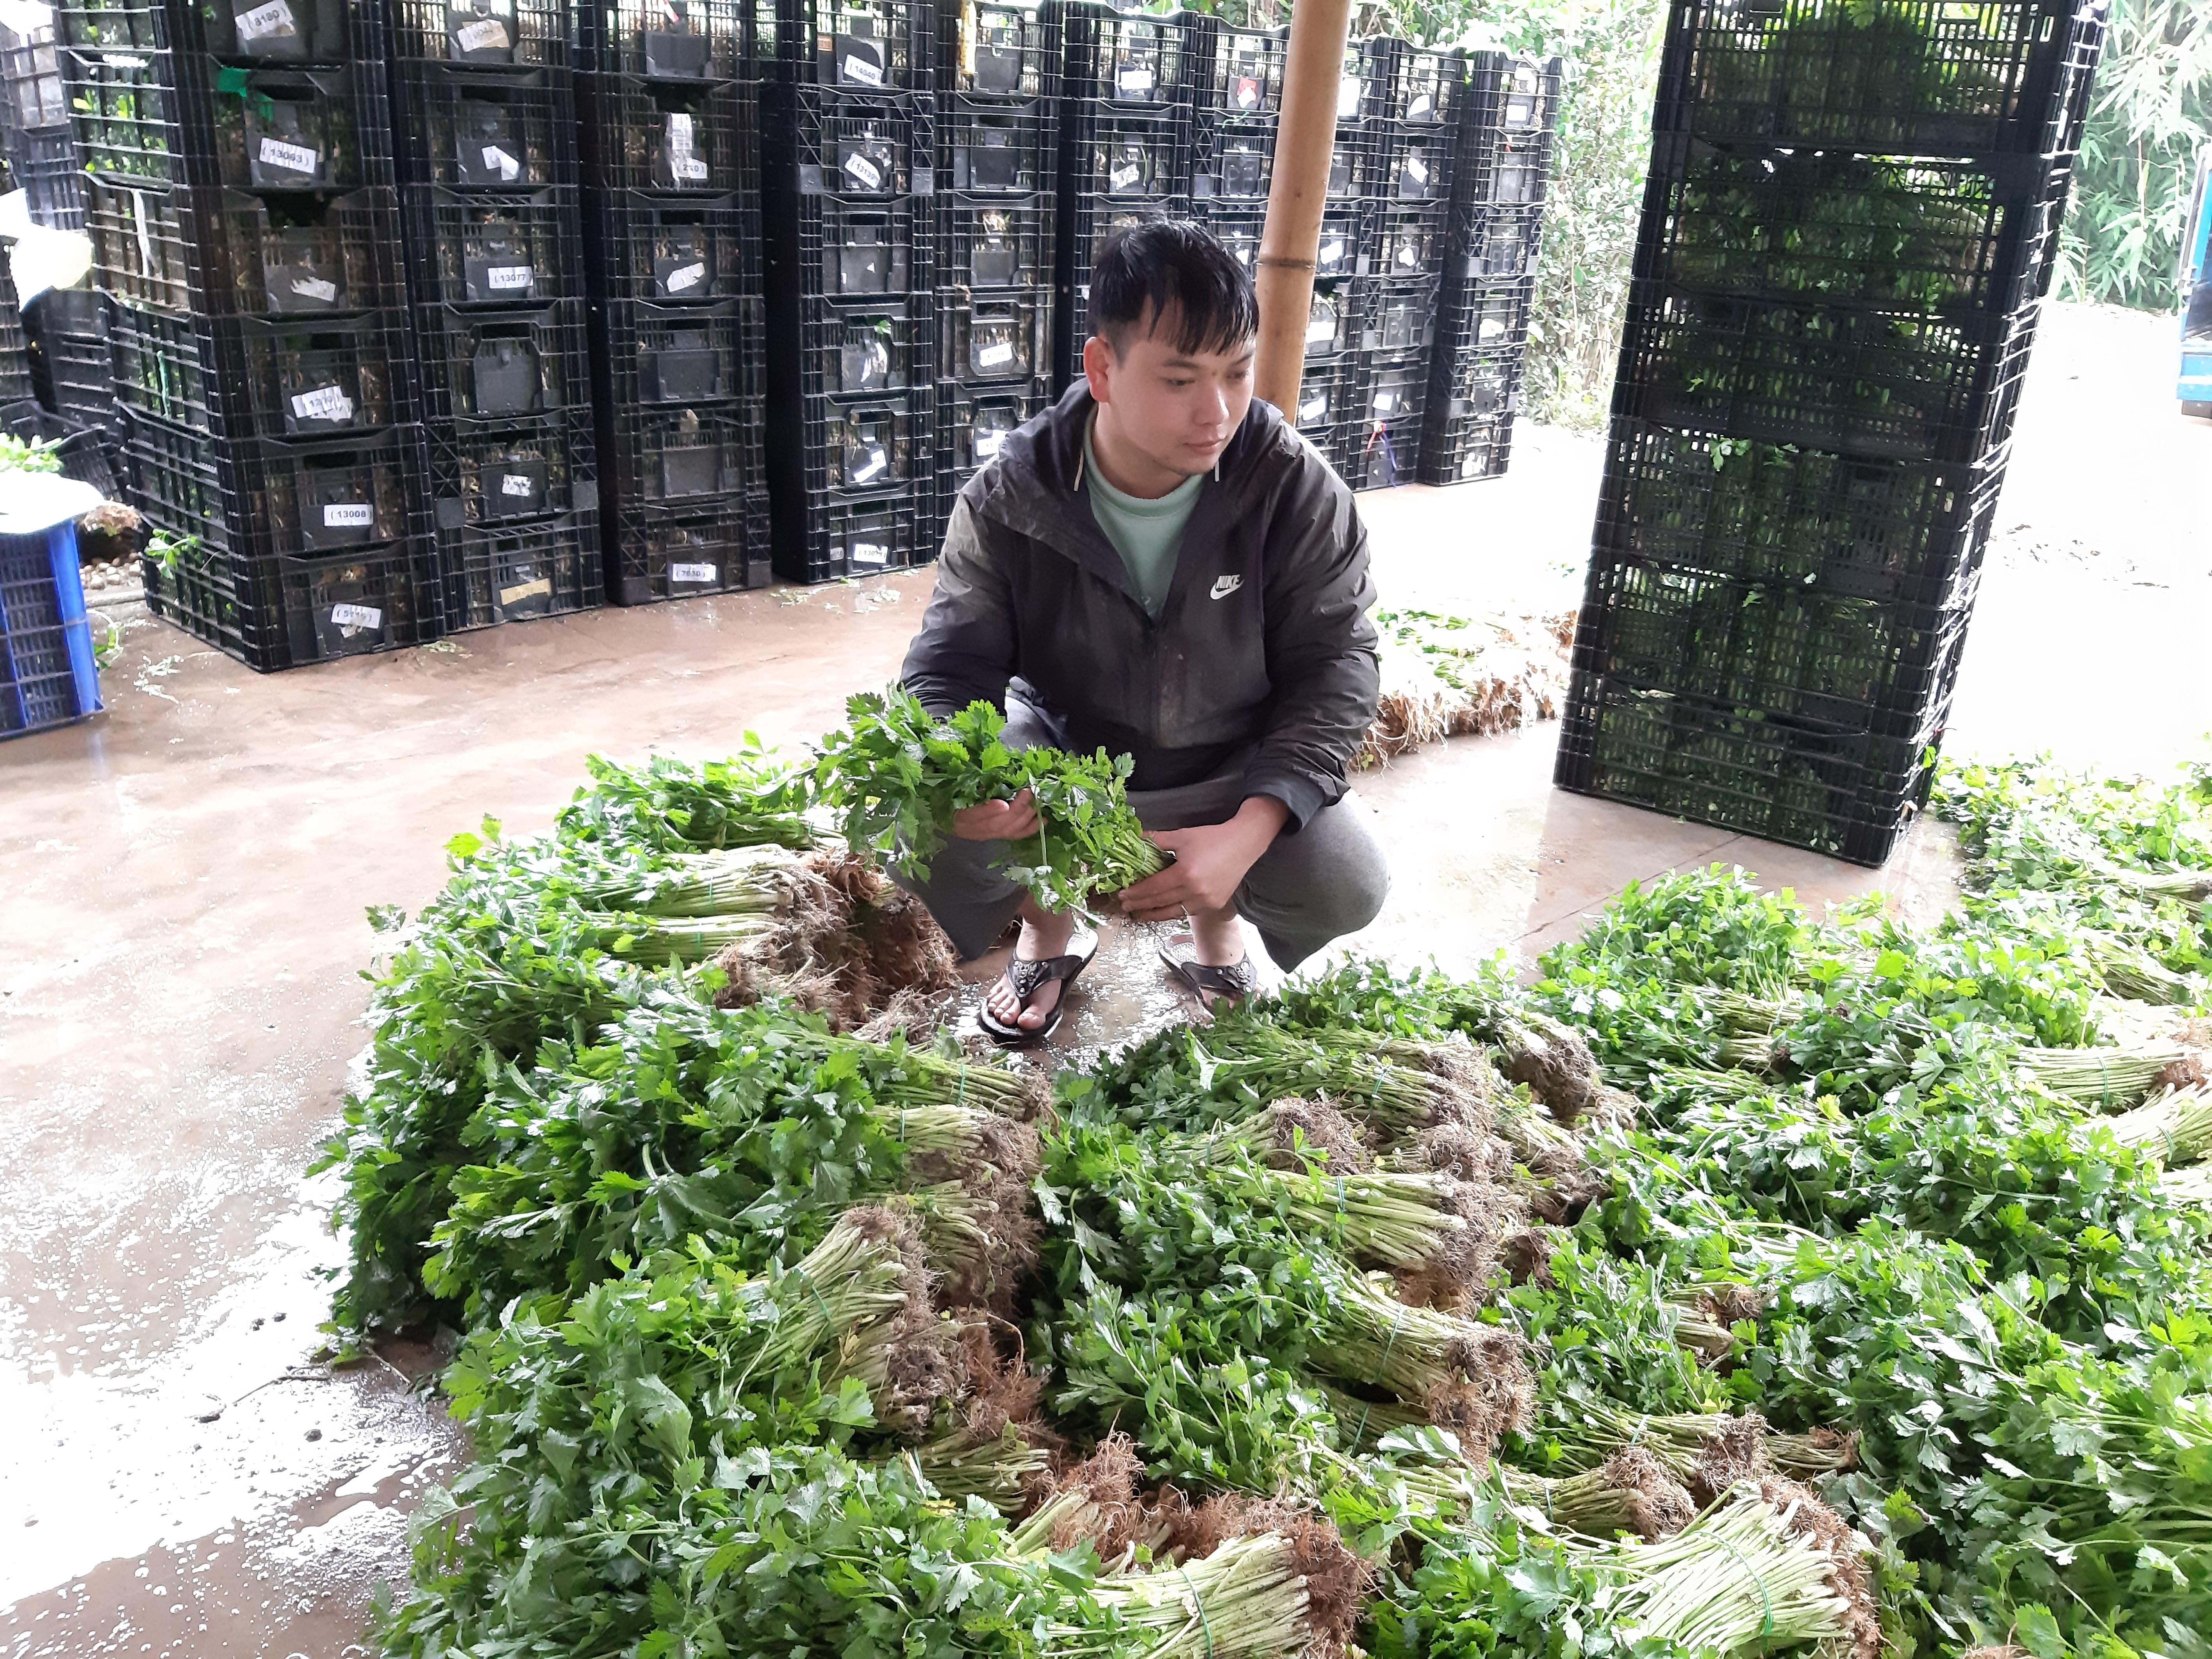 Lưu Lập Đức kiểm tra sản phẩm rau trước khi đóng thùng xuất xưởng